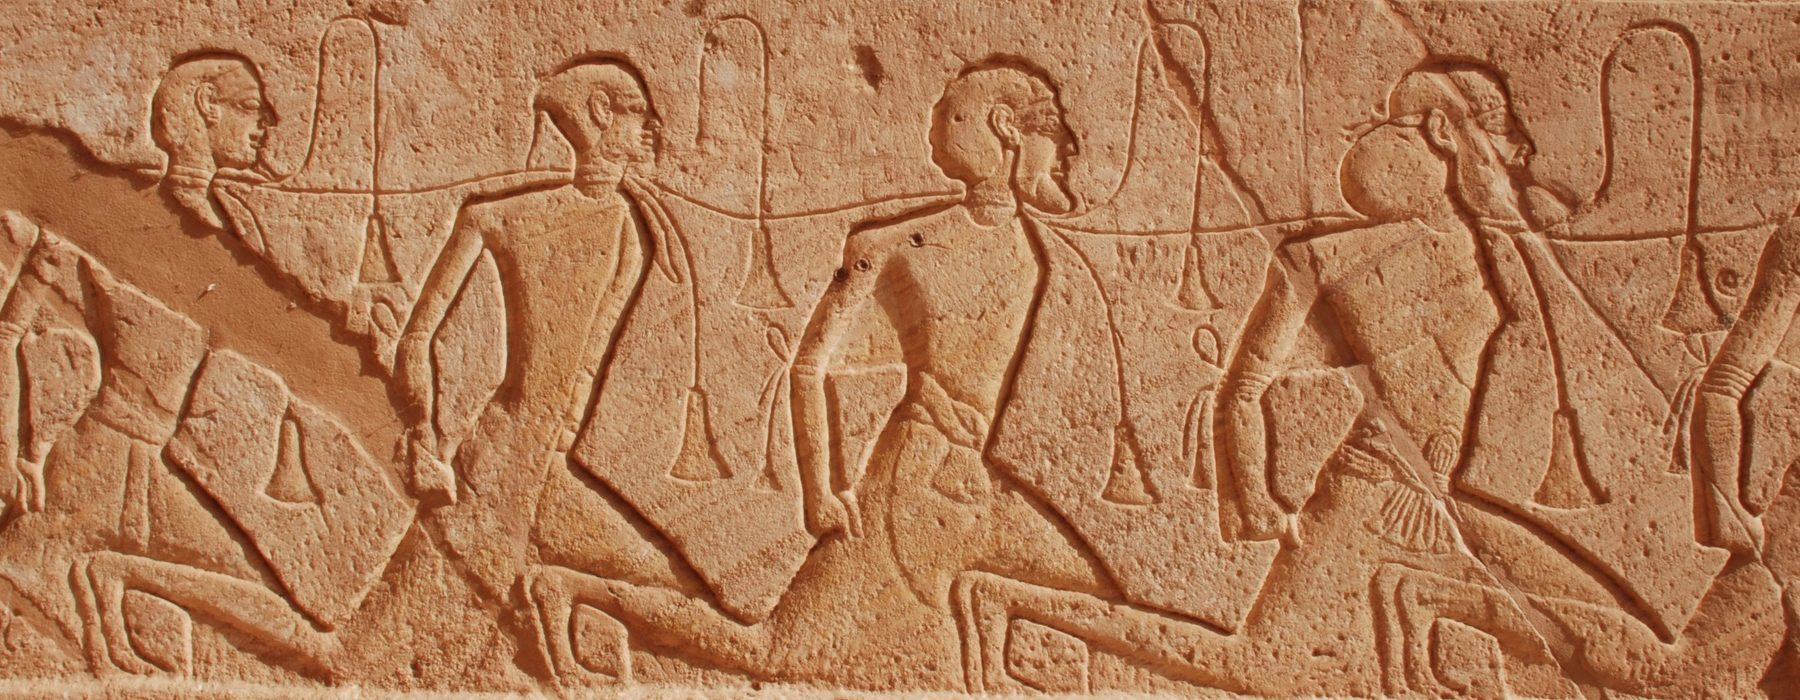 Fabricius, la aplicación que te ayudará a traducir jeroglíficos